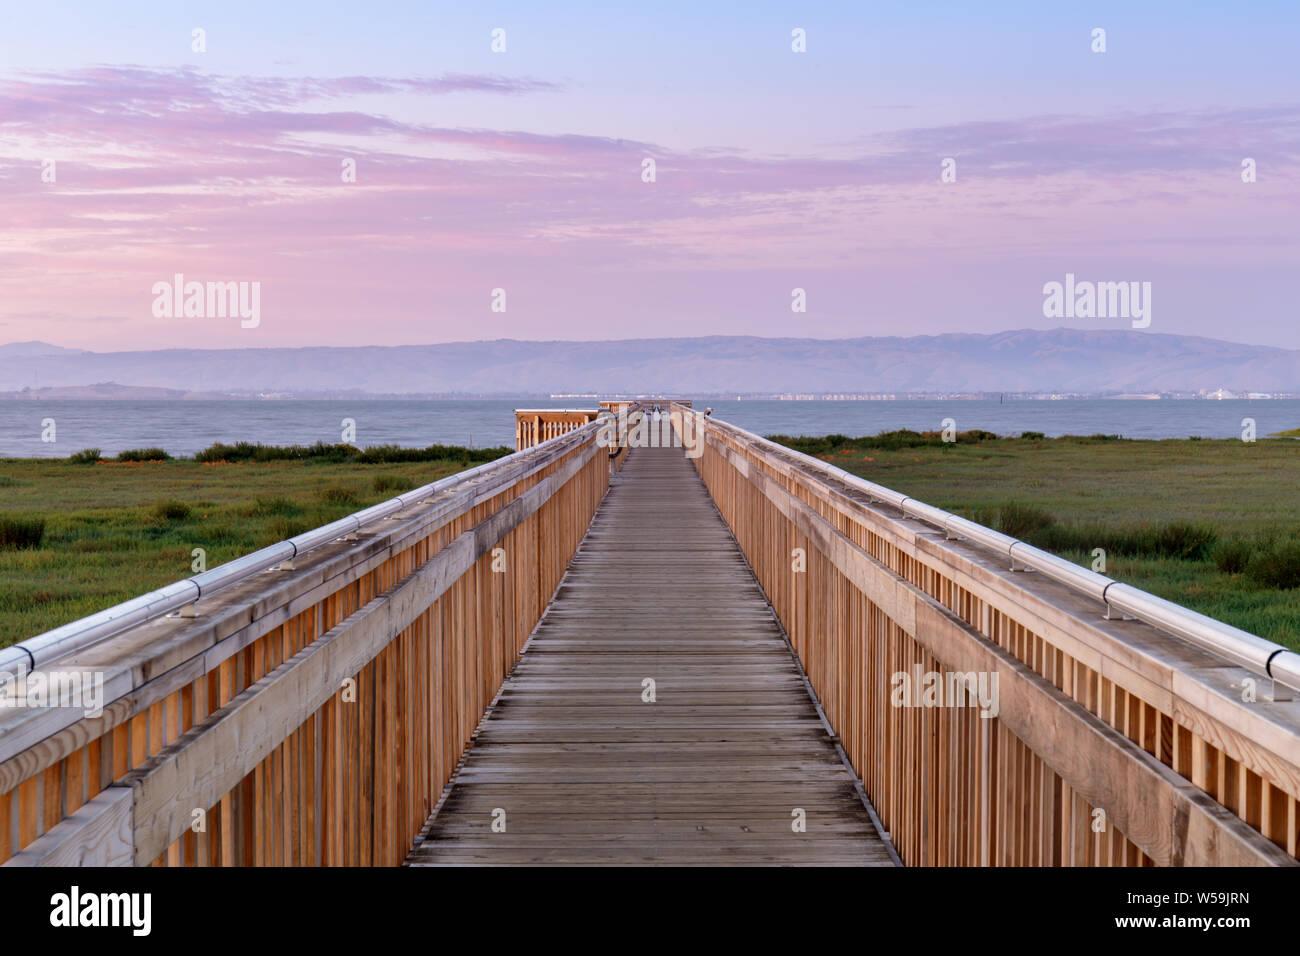 Crepúsculo sobre la nueva rambla en Baylands Preservar la naturaleza. Foto de stock